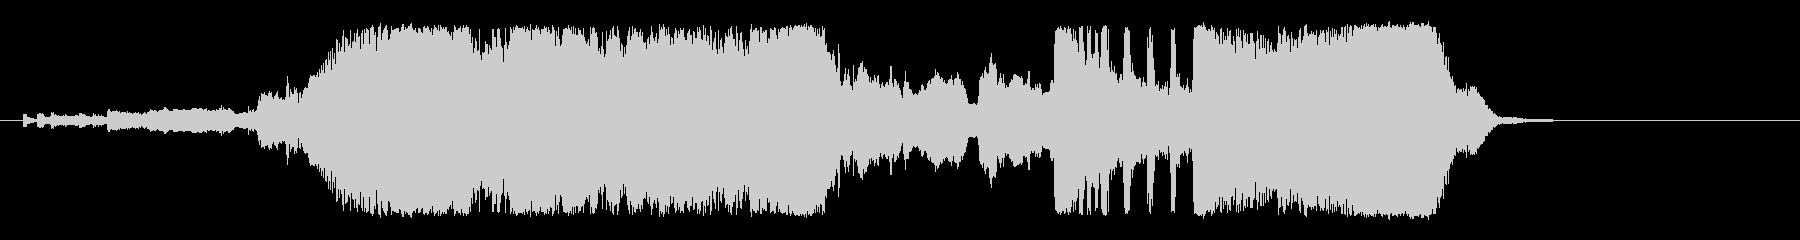 ファンタジー、オーケストラ、イントロロゴの未再生の波形